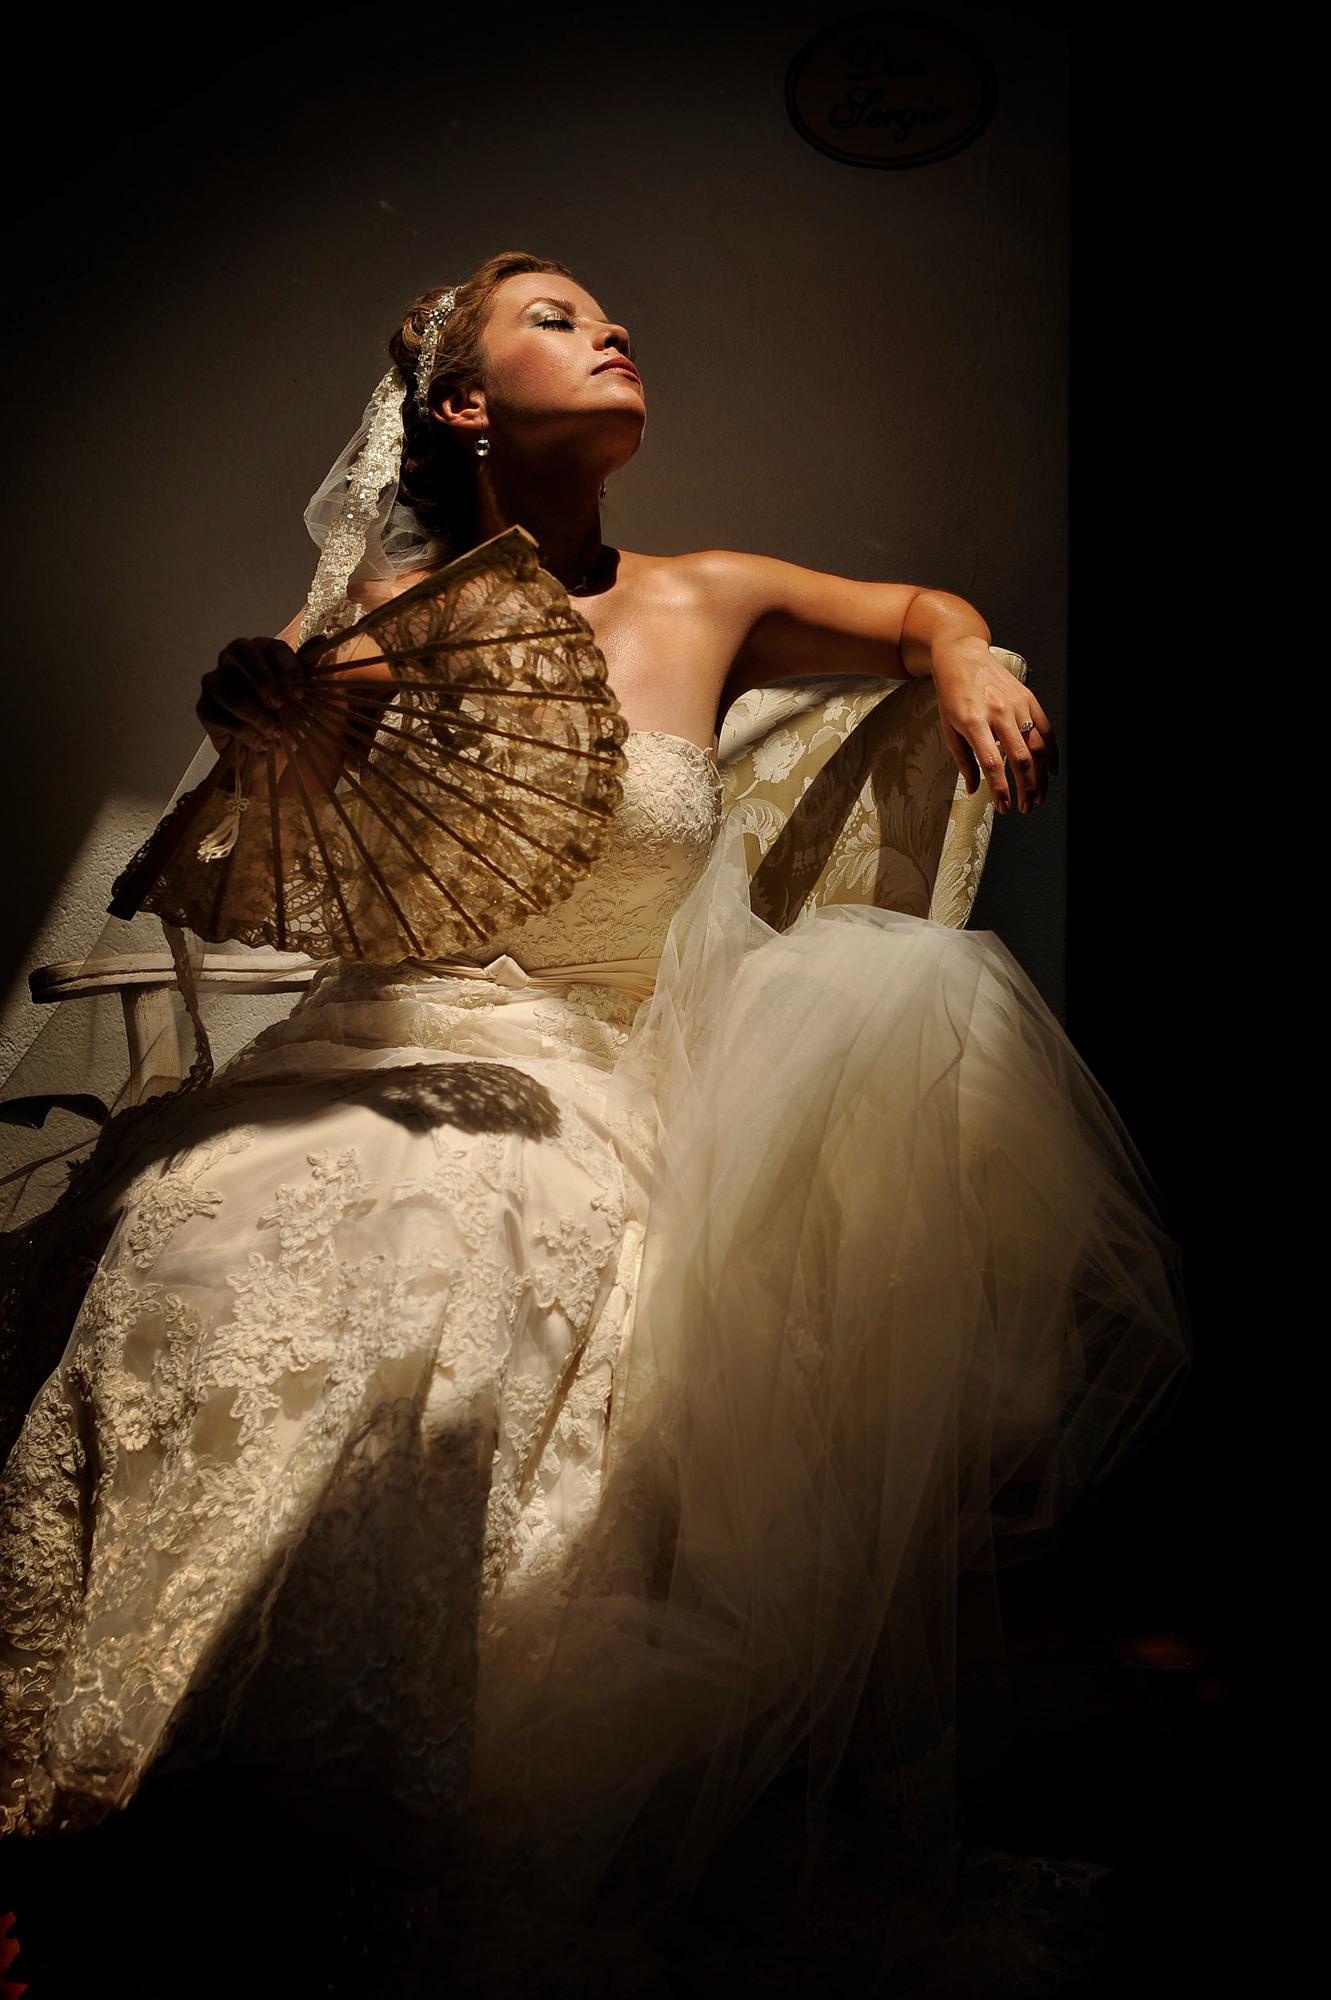 Portrait of bride with lace fan  - Daniel Aguilar Photographer